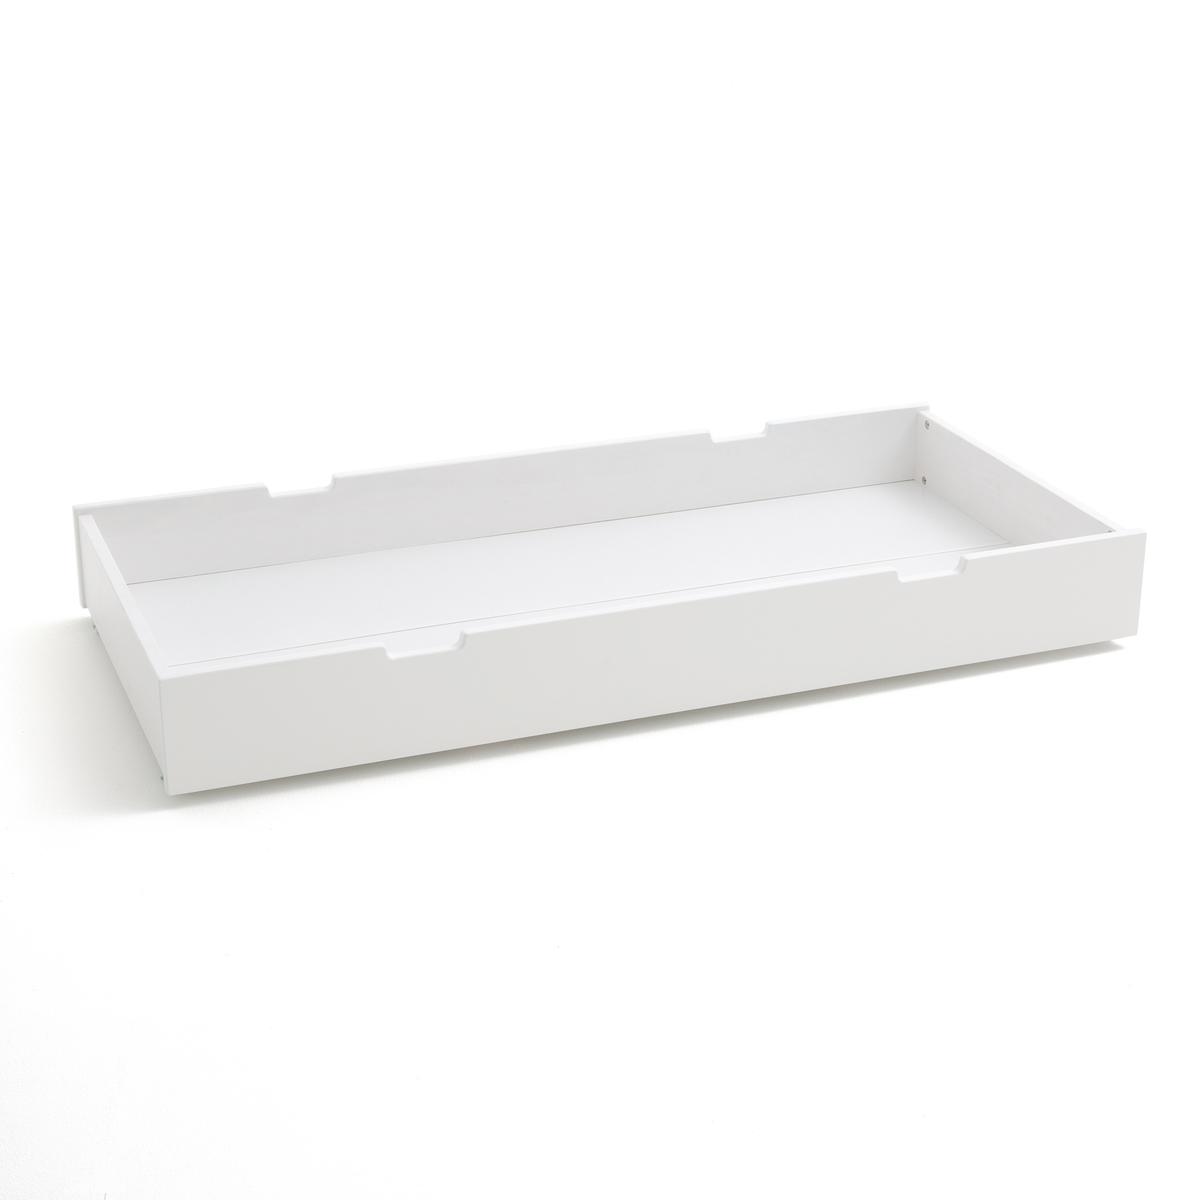 Ящик для хранения Baladin, Ш.140 см римская штора tanaro quelle my home 736242 в ш ок 140 140 см